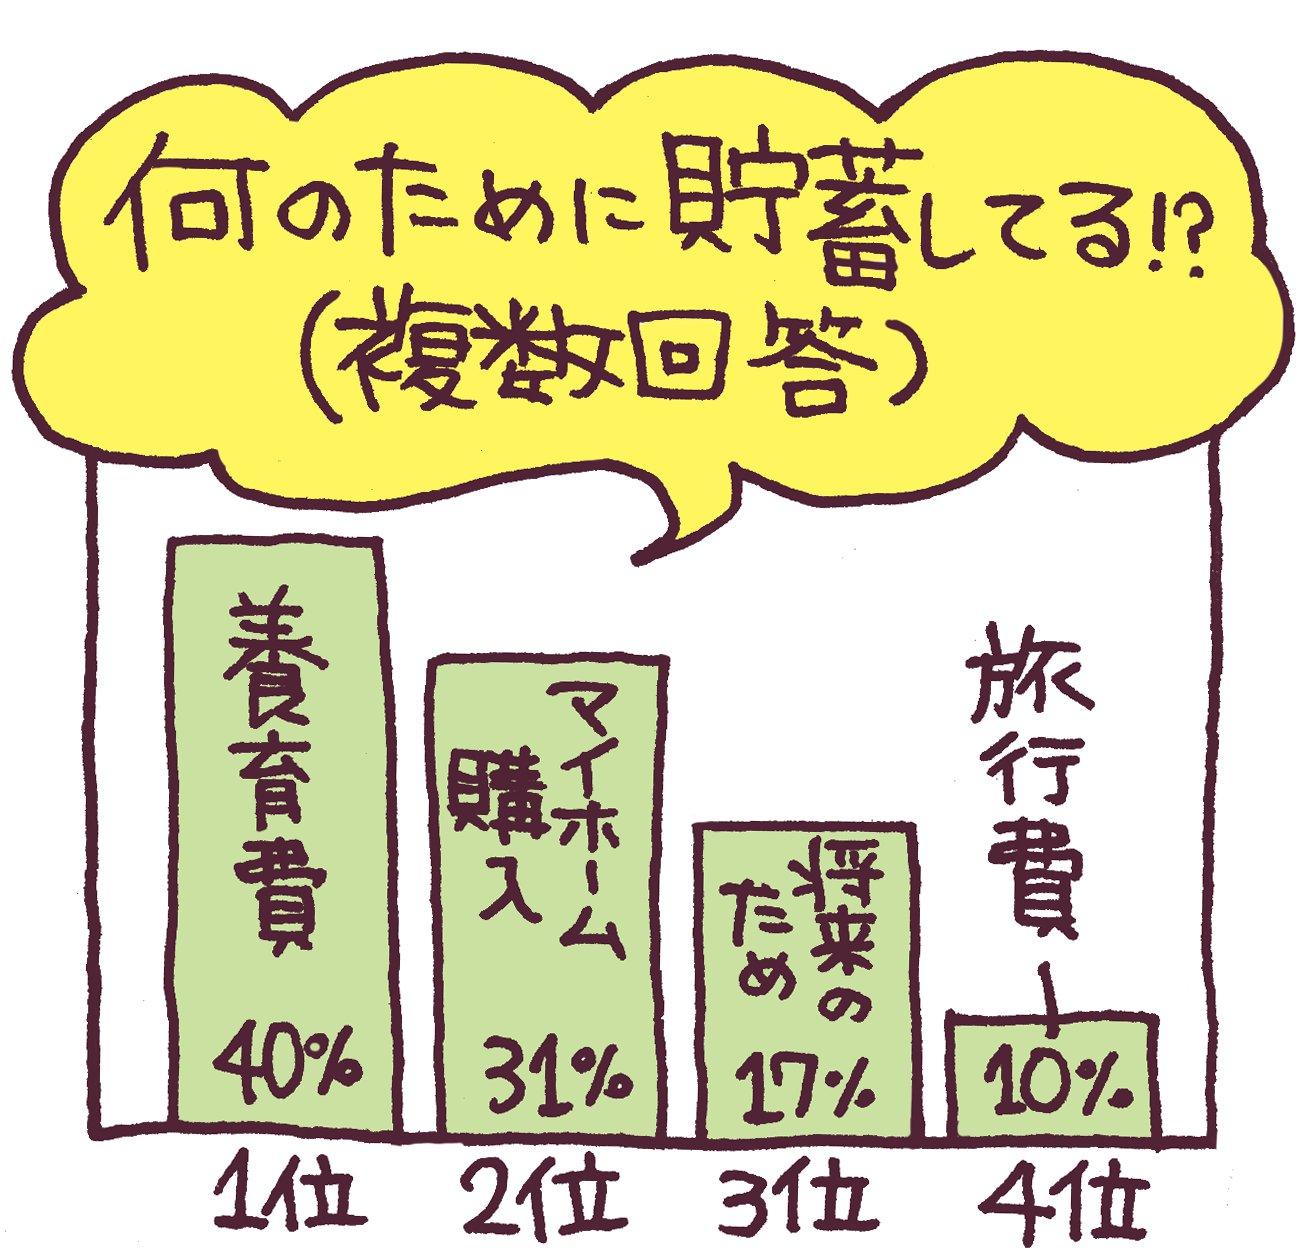 貯蓄目的のグラフ